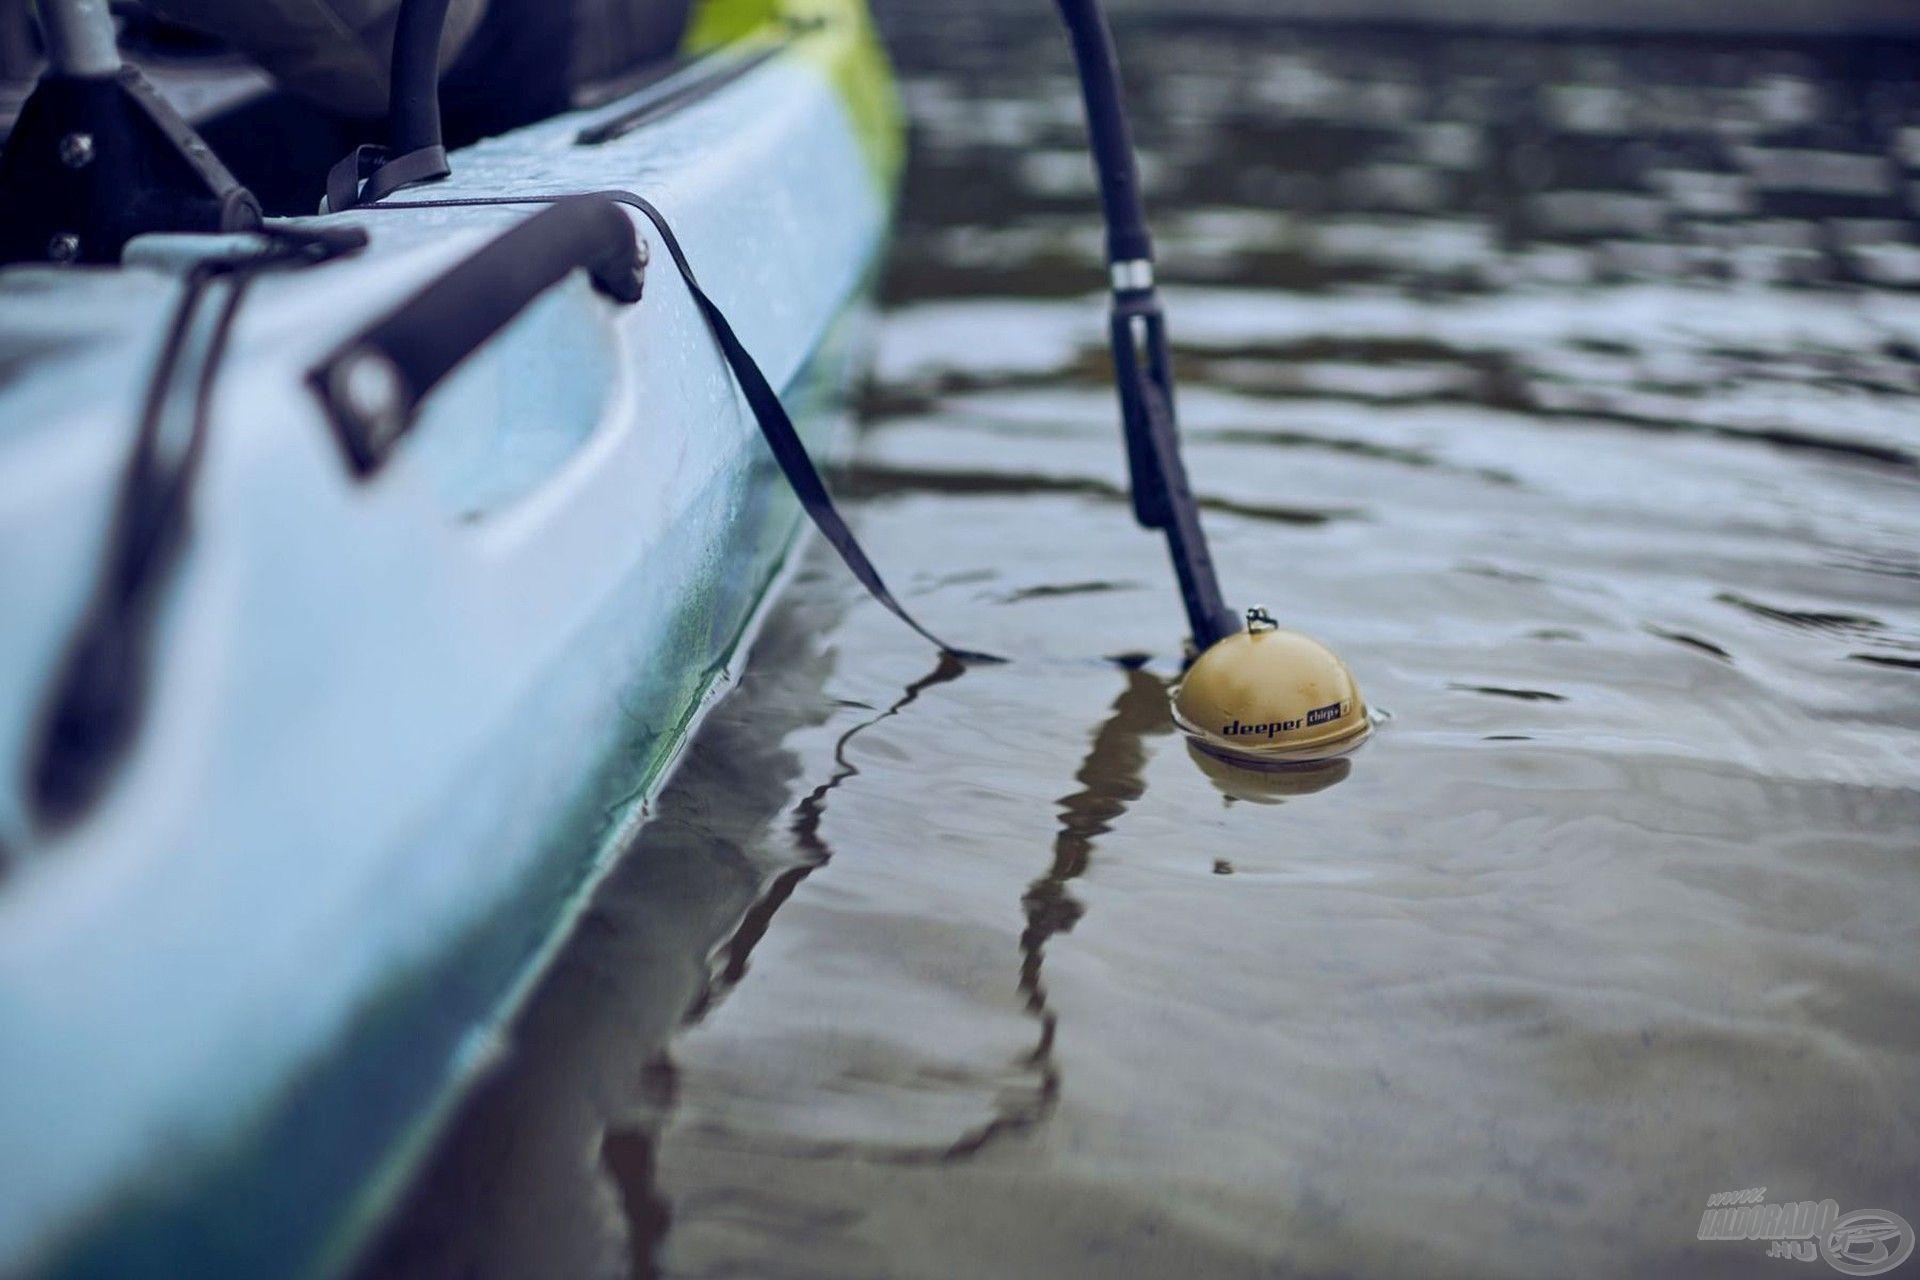 Egyaránt jól használható csónakból, annak oldalához rögzítve…